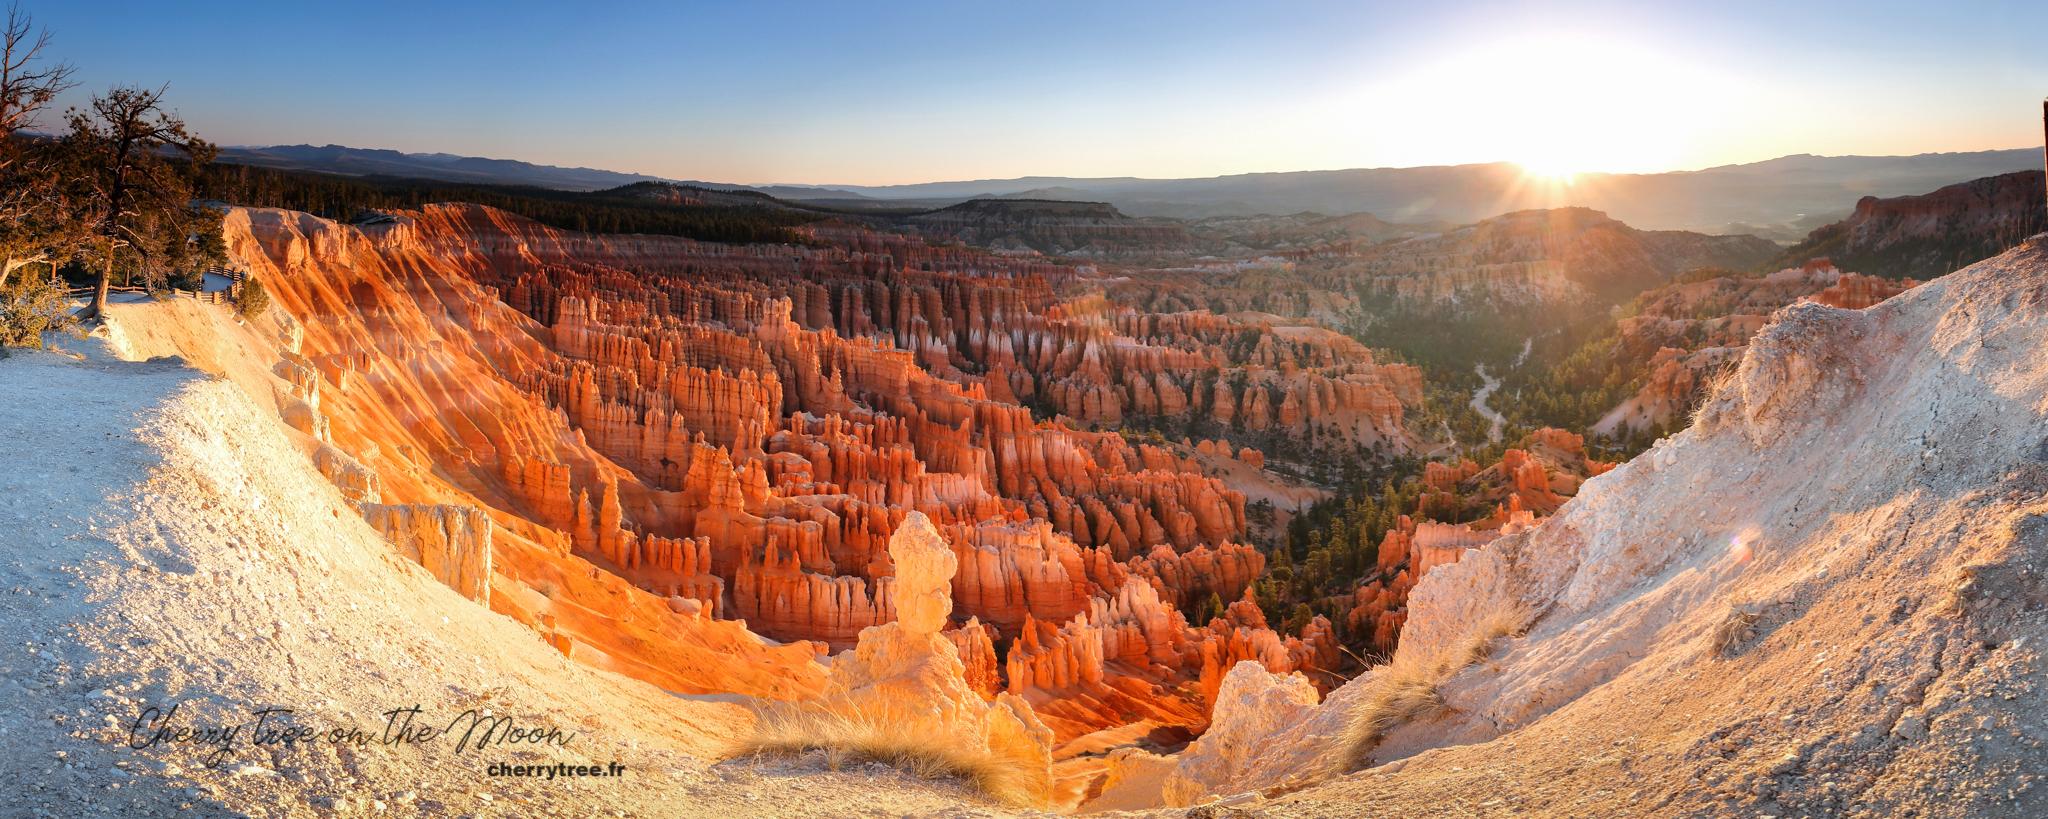 Bờ Tây USA - Chiêm ngưỡng rừng hoodoo ở Bryce Canyon